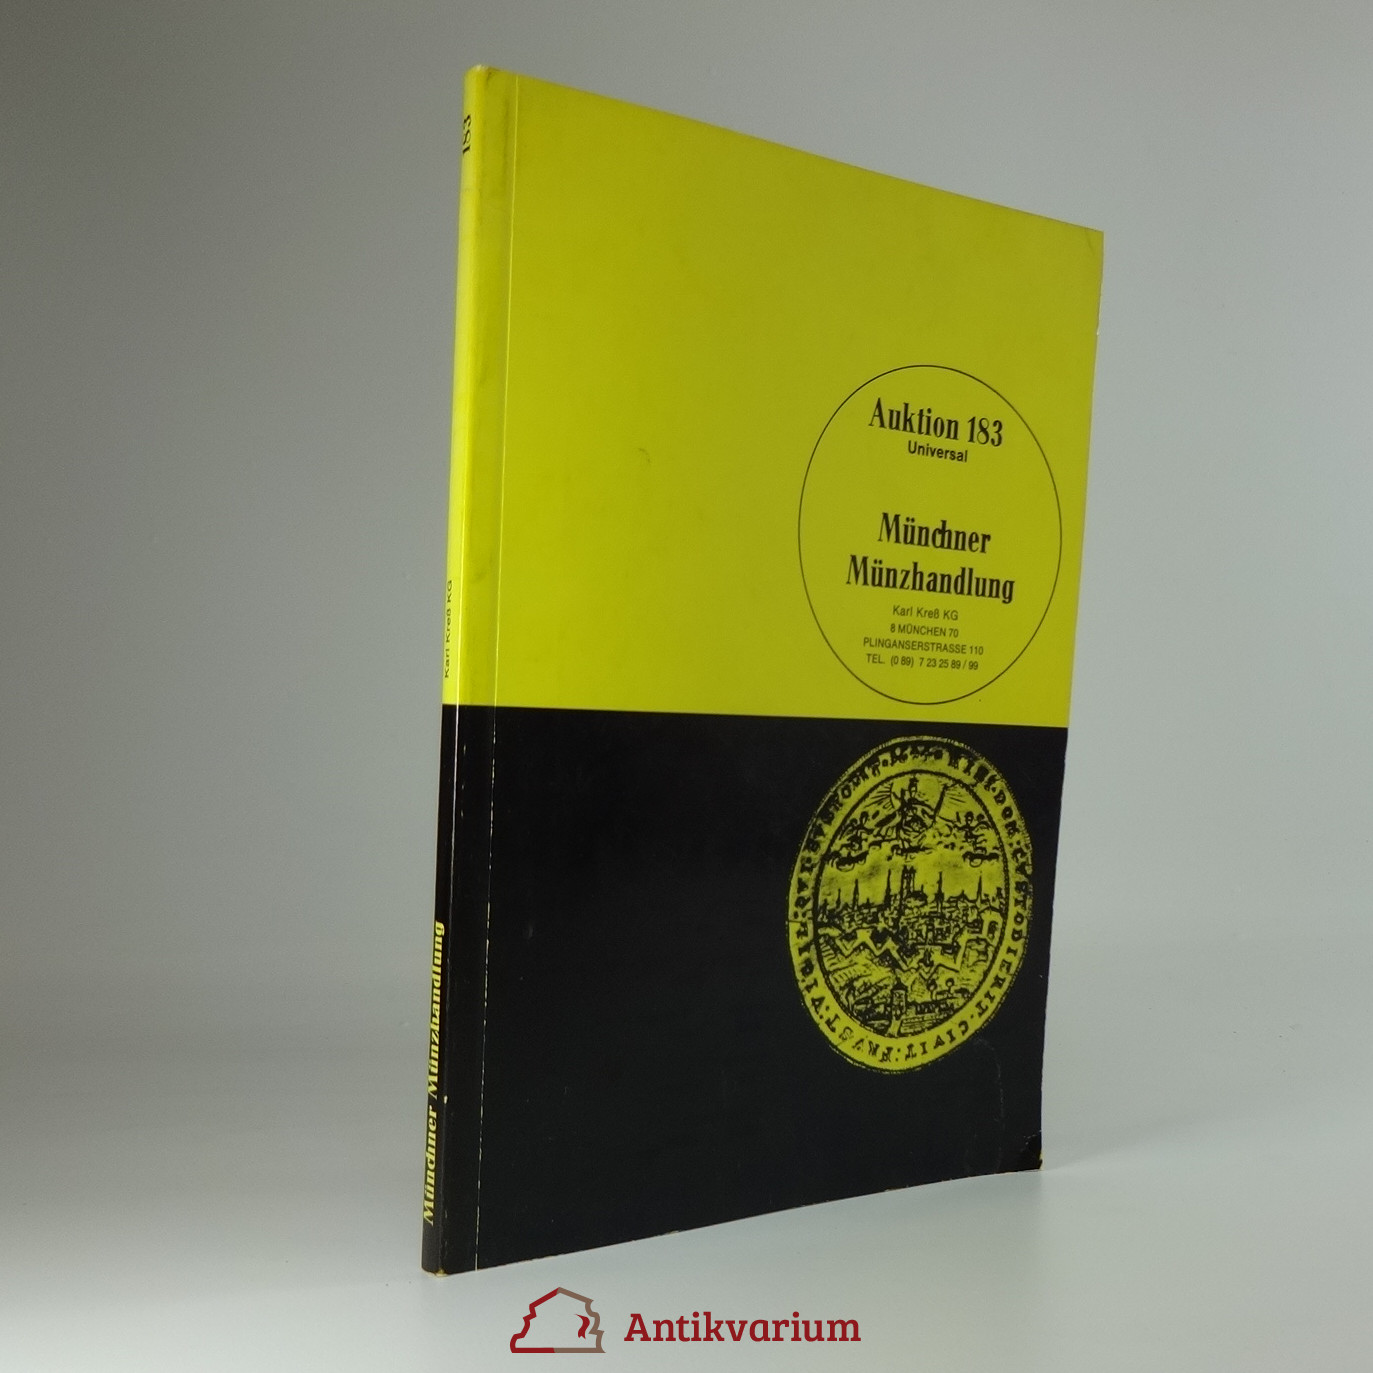 antikvární kniha  Münchner Münzhandlung, Auktion 183, 1982